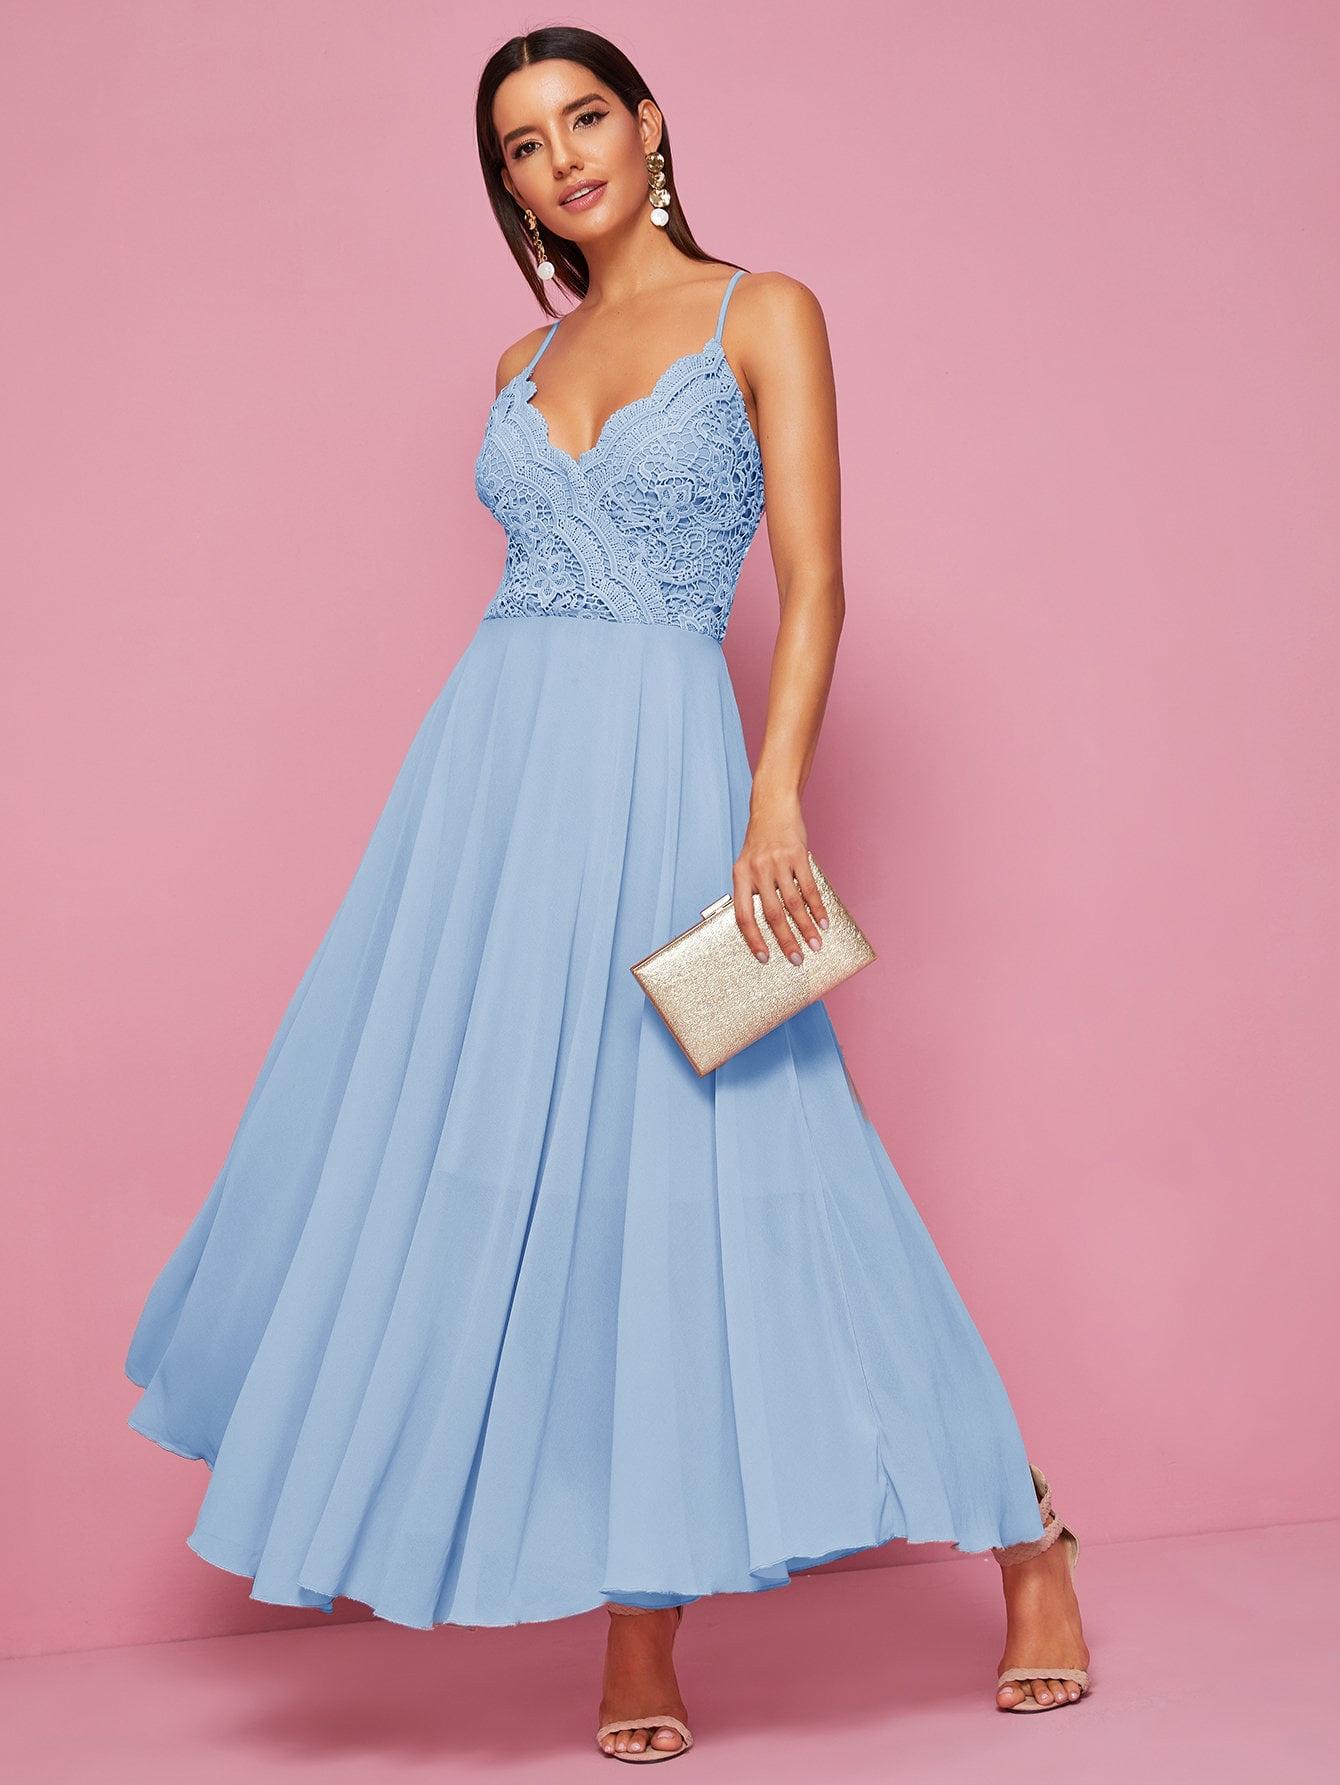 Фото - Шифоновое платье на бретелях с кружевом от SheIn цвет синие